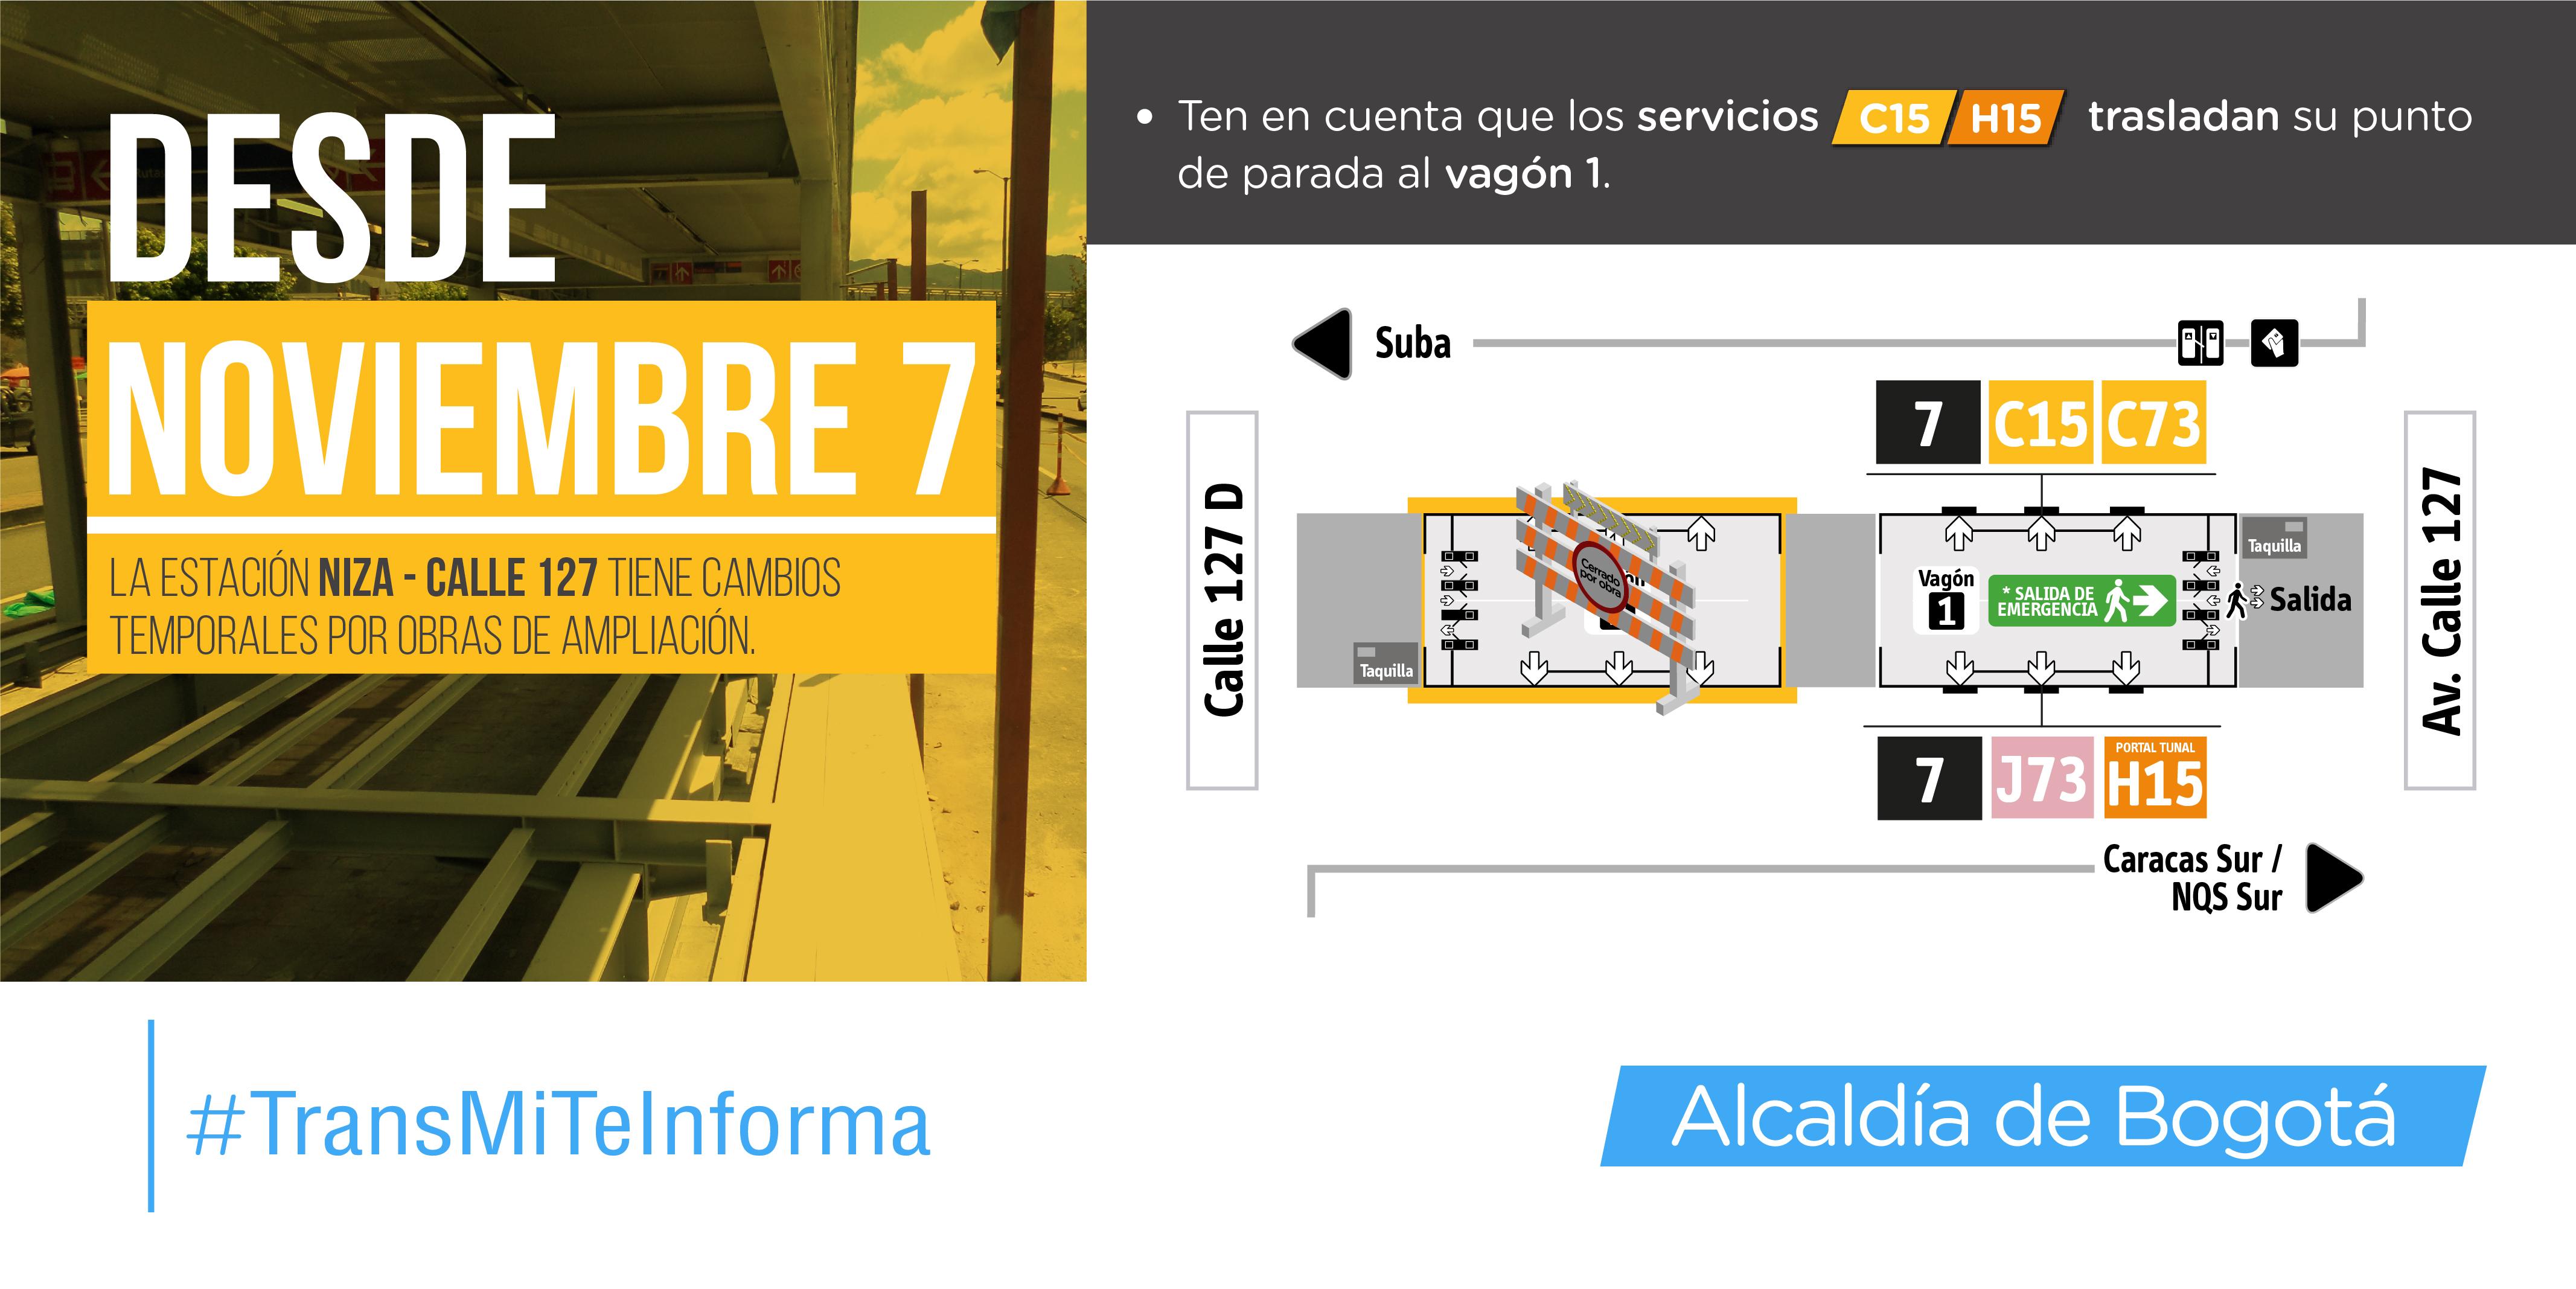 Infografía con el plano de estación de la estación Niza Calle 127